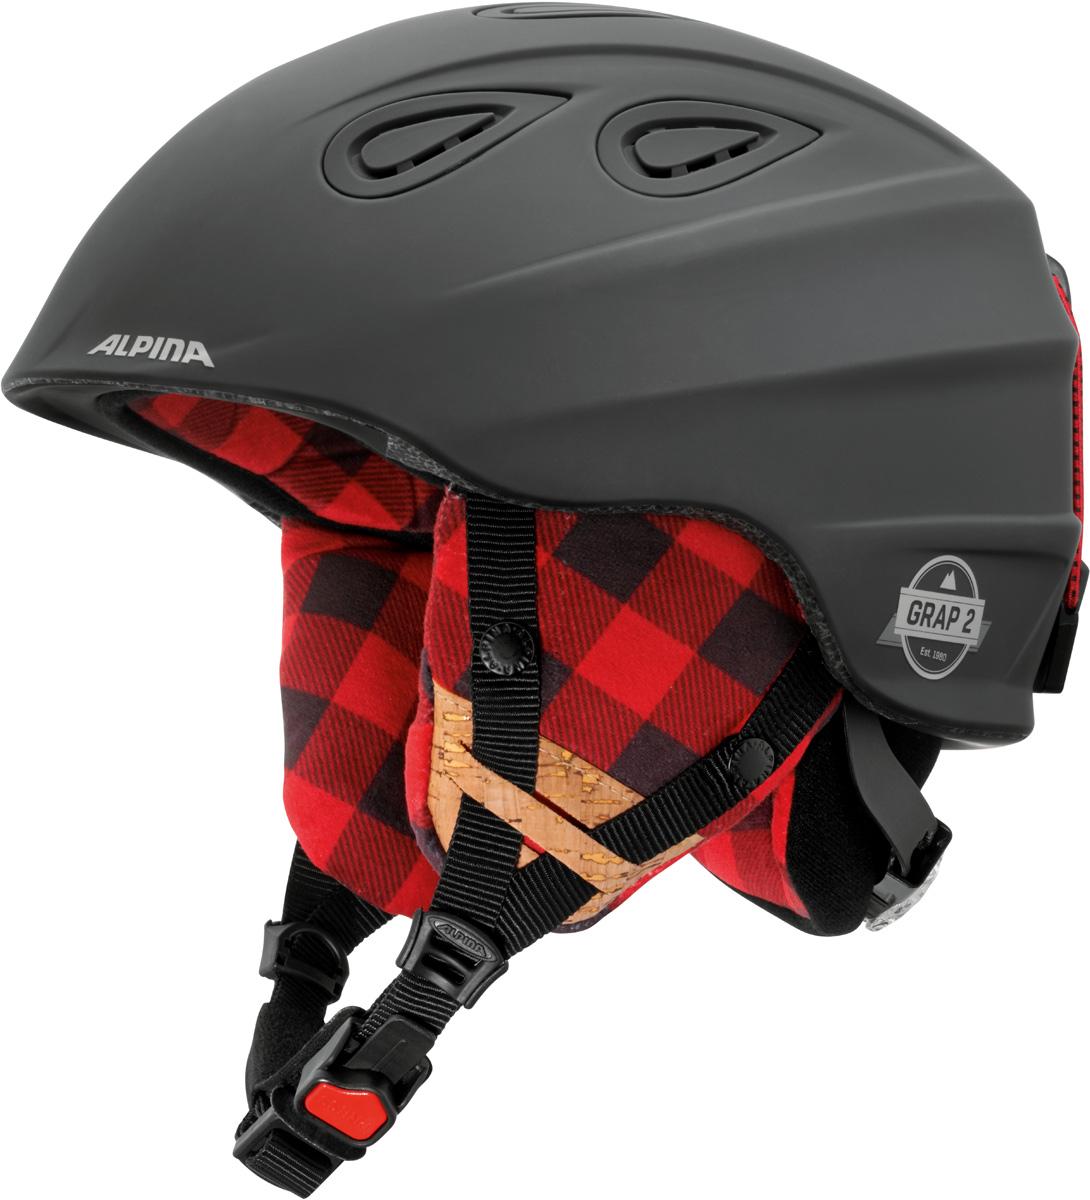 Шлем горнолыжный Alpina Grap 2.0 LE, цвет: черный. A9094_31. Размер 61-64A9094_31Шлем горнолыжный Alpina Grap 2.0 LE - одна из самых популярных моделей в каталоге горнолыжных шлемов Alpina. Надежный, многоцелевой шлем для широкого круга райдеров. L.E. - Limited Edition - ограниченная серия шлемов, выполненная в уникальной расцветке. Интенсивность воздушного потока можно регулировать. Вентиляционные отверстия шлема могут быть открыты и закрыты раздвижным механизмом. Съемные ушки-амбушюры можно снять за секунду и сложить в карман лыжной куртки. Если вы наслаждаетесь катанием в начале апреля, такая возможность должна вас порадовать. А когда температура снова упадет - щелк и вкладыш снова на месте. Внутренник шлема легко вынимается, стирается, сушится и вставляется обратно. Прочная и легкая конструкция In-mold. Тонкая и прочная поликарбонатная оболочка под воздействием высокой температуры и давления буквально сплавляется с гранулами EPS, которые гасят ударную нагрузку. Внутренняя оболочка каждого шлема Alpina состоит из гранул HI-EPS (сильно вспененного полистирола). Микроскопические воздушные карманы эффективно поглощают ударную нагрузку и обеспечивают высокую теплоизоляцию. Эта технология позволяет достичь минимальной толщины оболочки. А так как гранулы HI-EPS не впитывают влагу, их защитный эффект не ослабевает со временем. Из задней части шлема можно достать шейный утеплитель из мягкого микро-флиса. Этот теплый воротник также защищает шею от ударов на высокой скорости и при сибирских морозах. В удобной конструкции отсутствуют точки давления на шею. Вместо фастекса на ремешке используется красная кнопка с автоматическим запирающим механизмом, которую легко использовать даже в лыжных перчатках. Механизм защищен от произвольного раскрытия при падении. Ручка регулировки Run System Classic в задней части шлема позволяет за мгновение комфортно усадить шлем на затылке. Y-образный ремнераспределитель двух ремешков находится под ухом и обеспечивает быструю и точную посадку ш